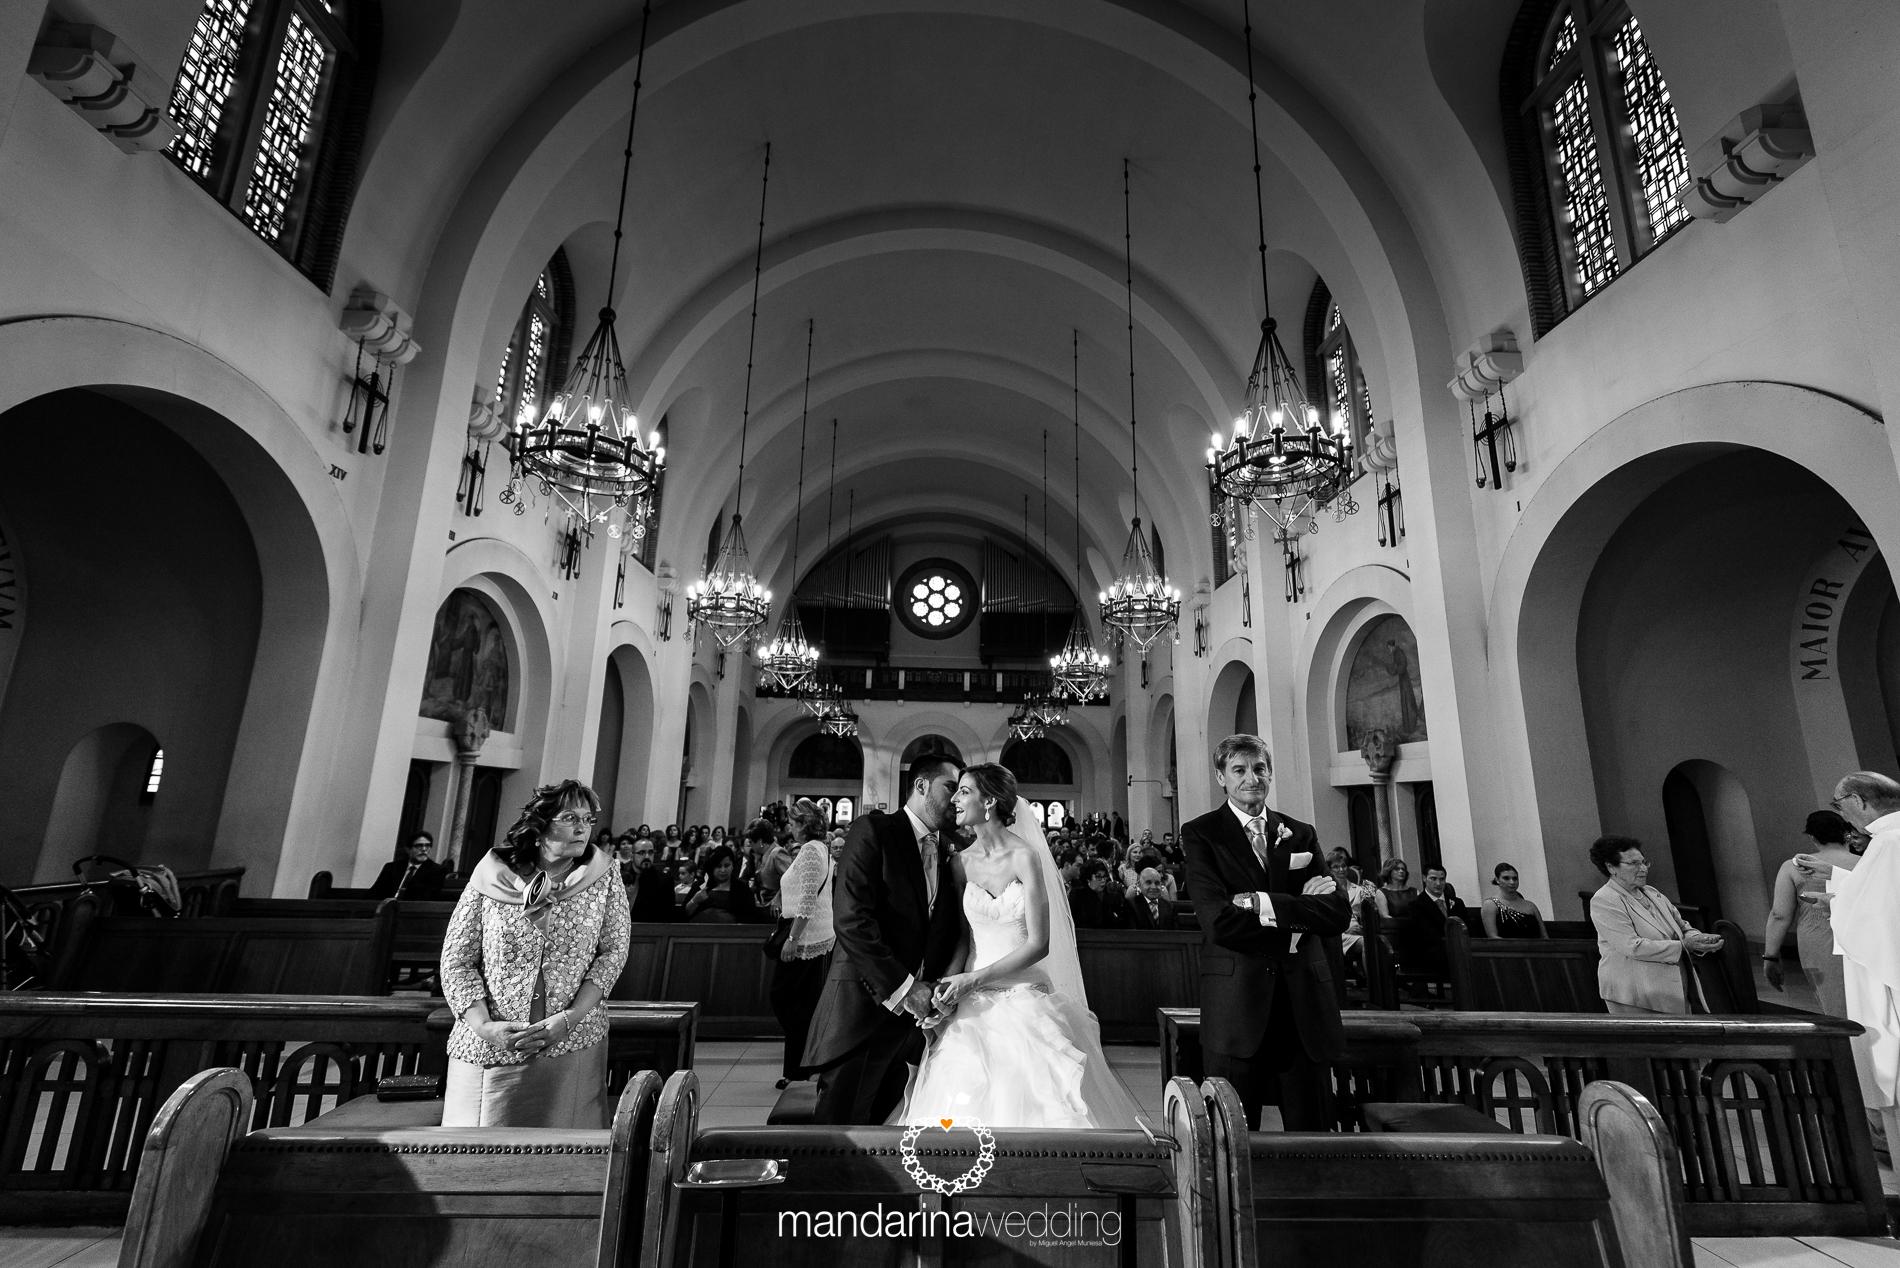 mandarina wedding_23